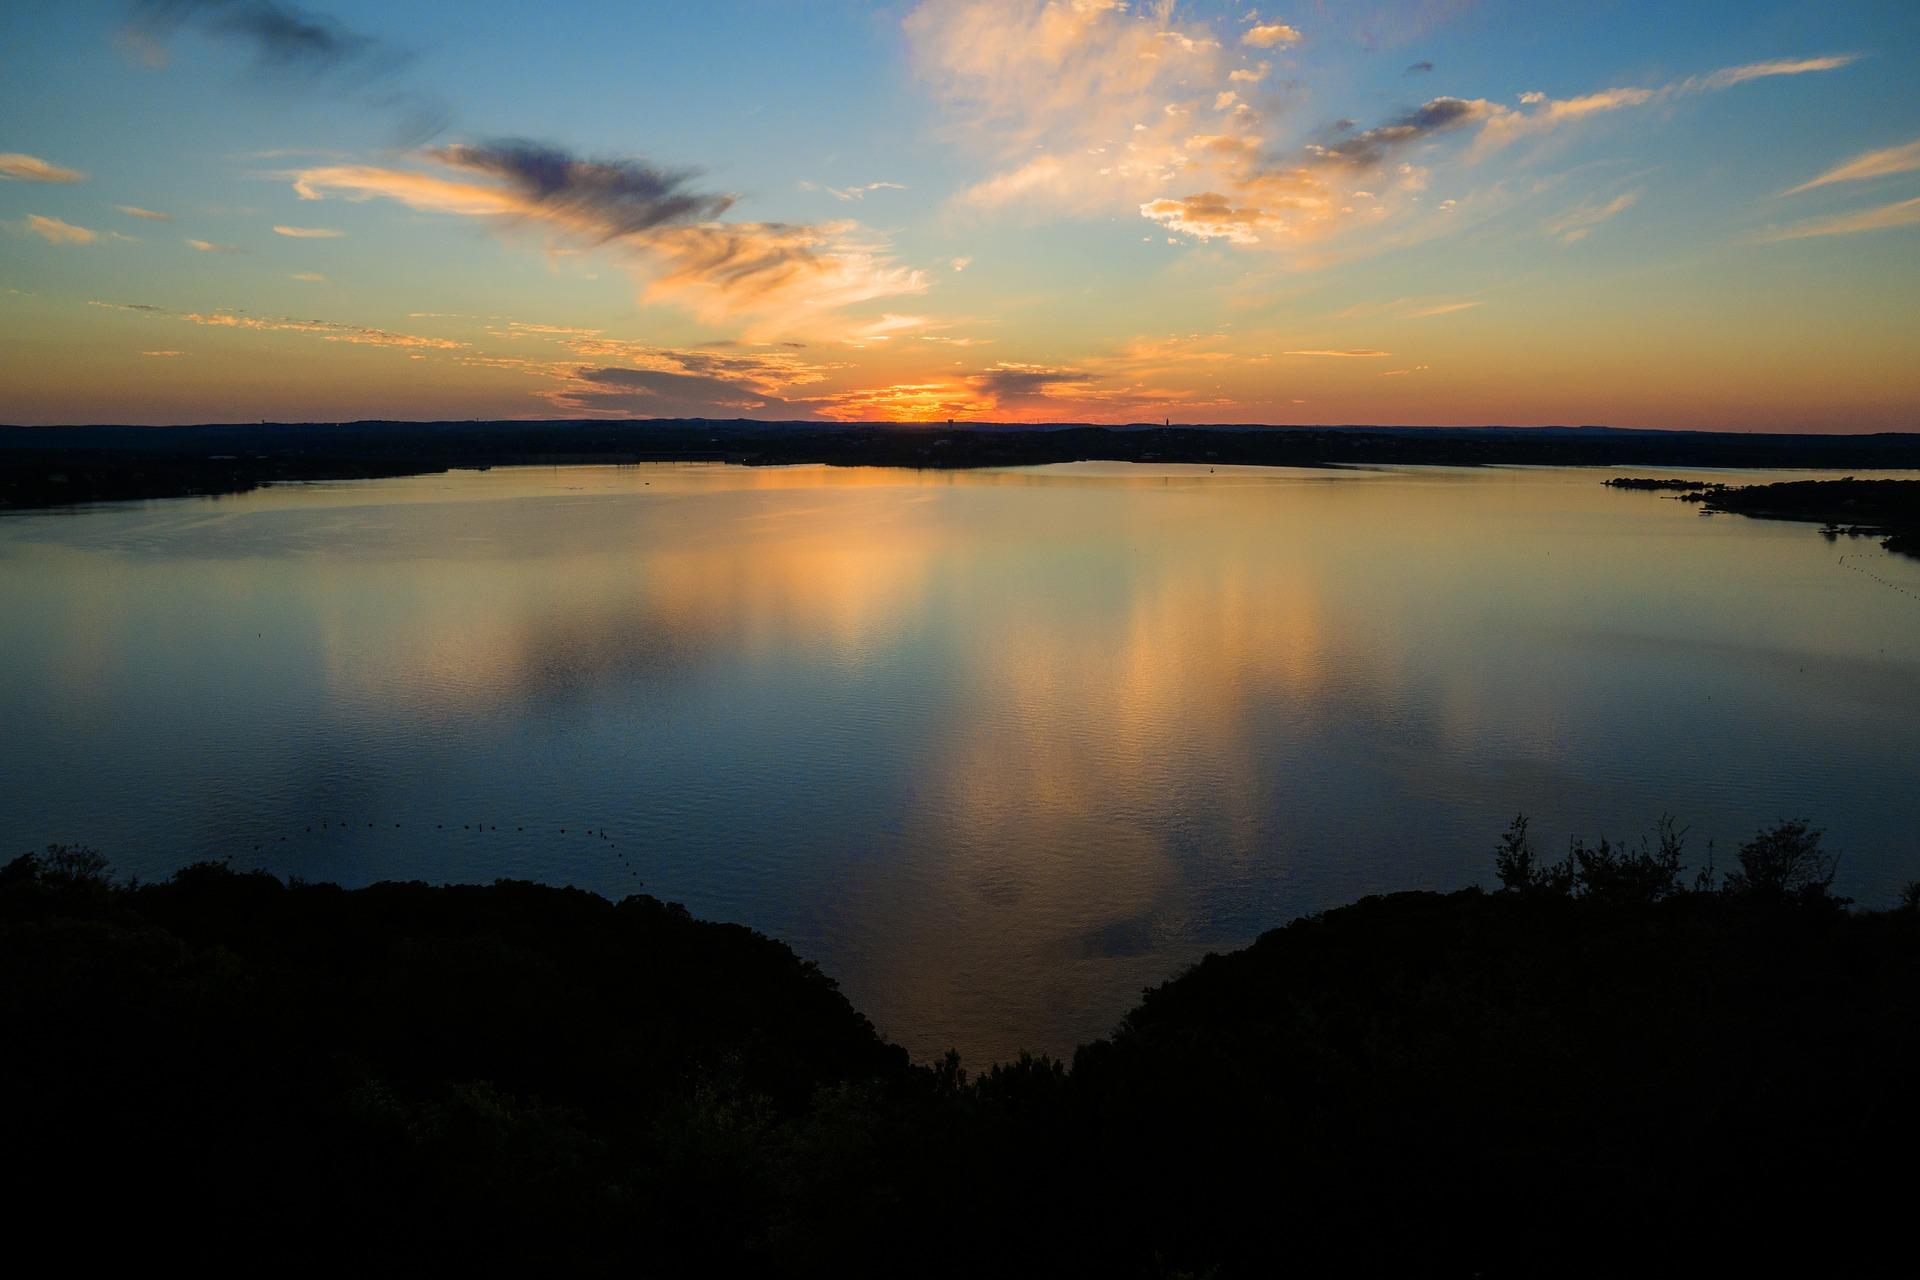 lake-travis-1832832_1920